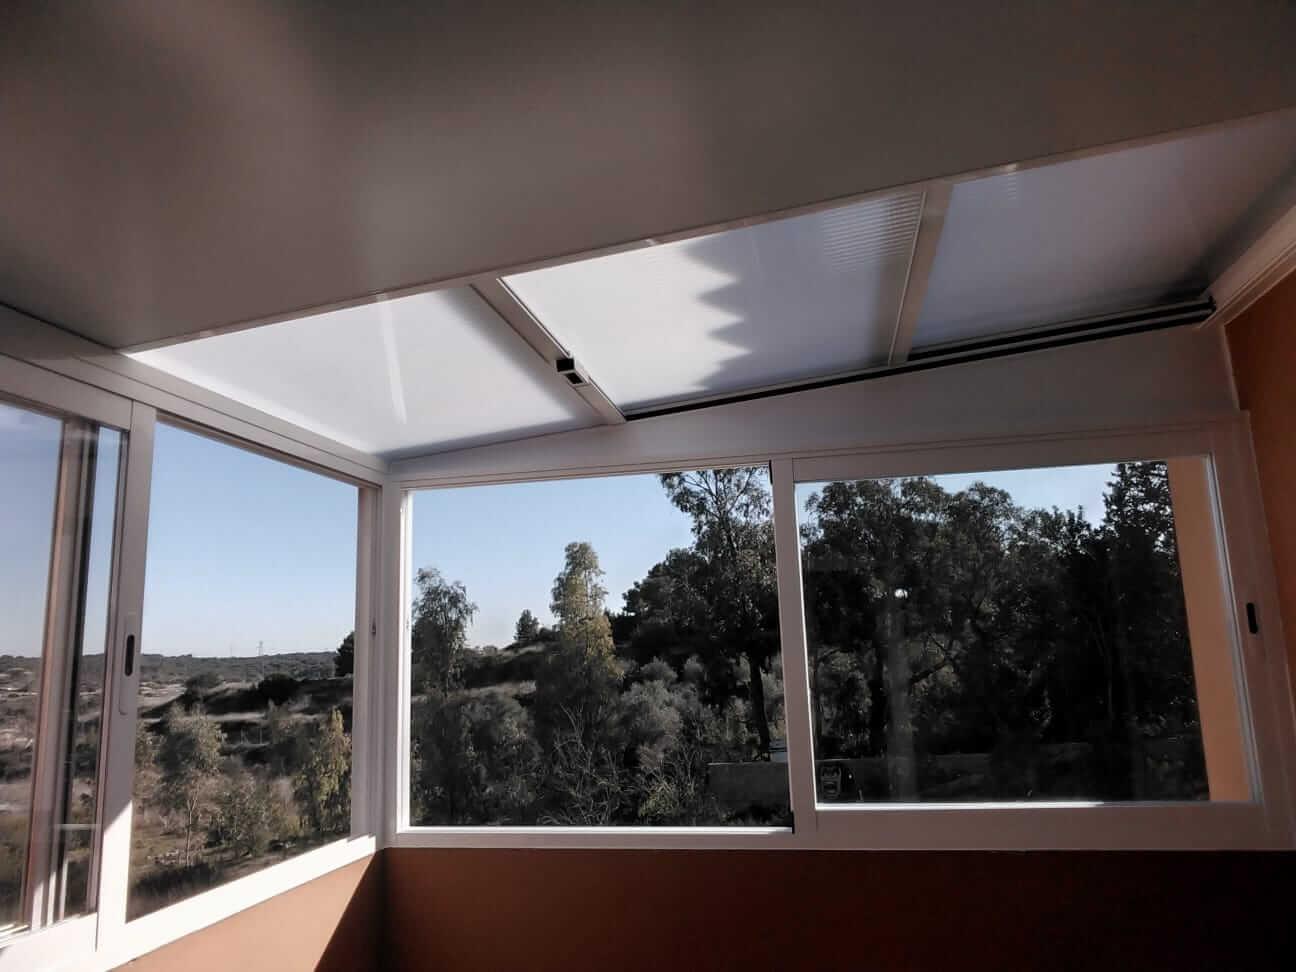 Cerramiento acristalado en balcón exterior, con techo de cristal traslucido y abatible.